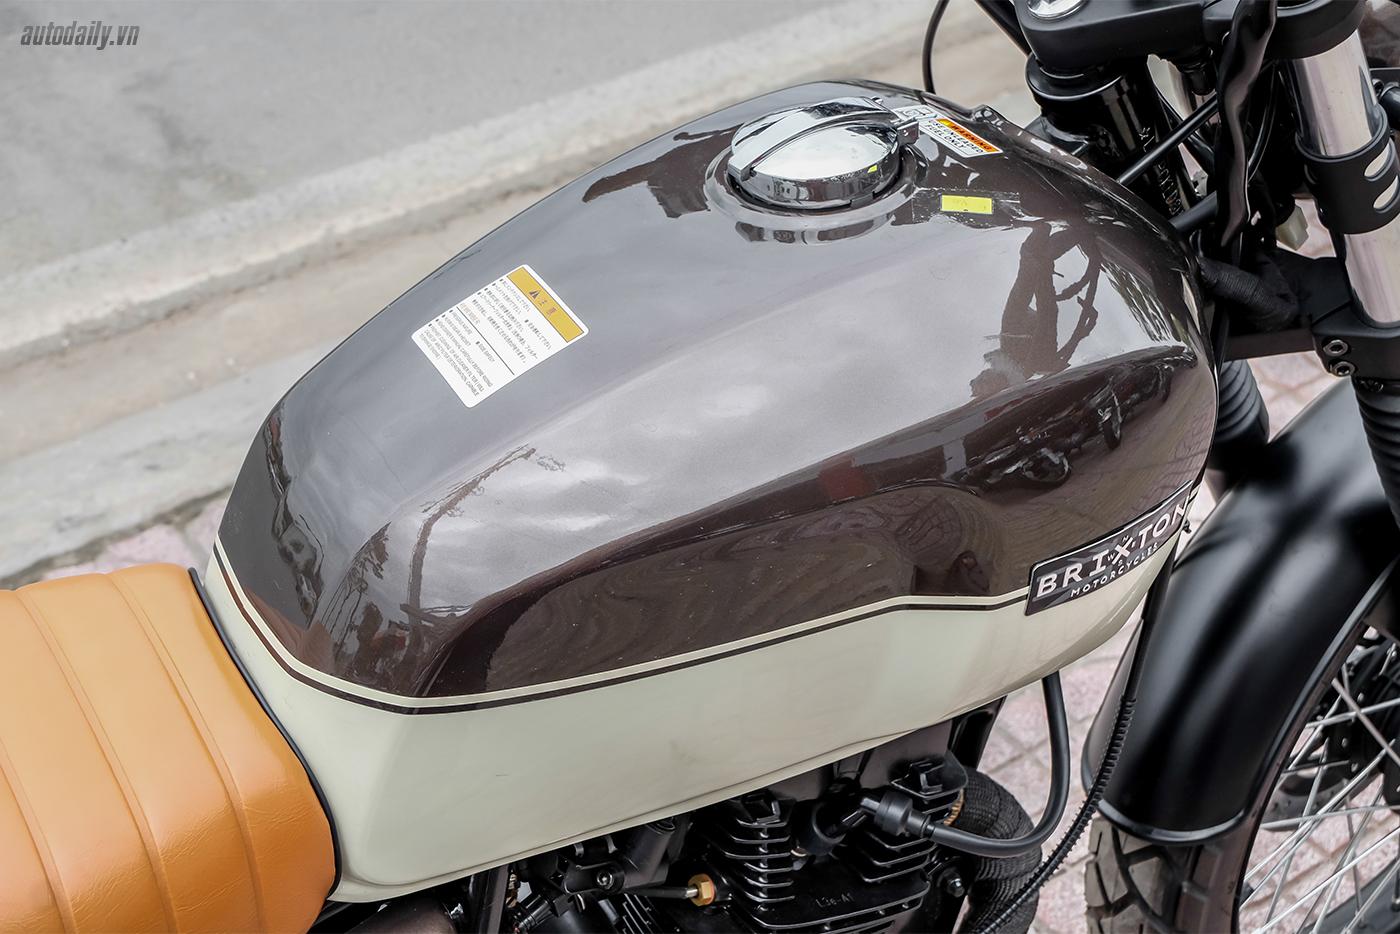 brixton-bx-150-classic-ltd-20.jpg